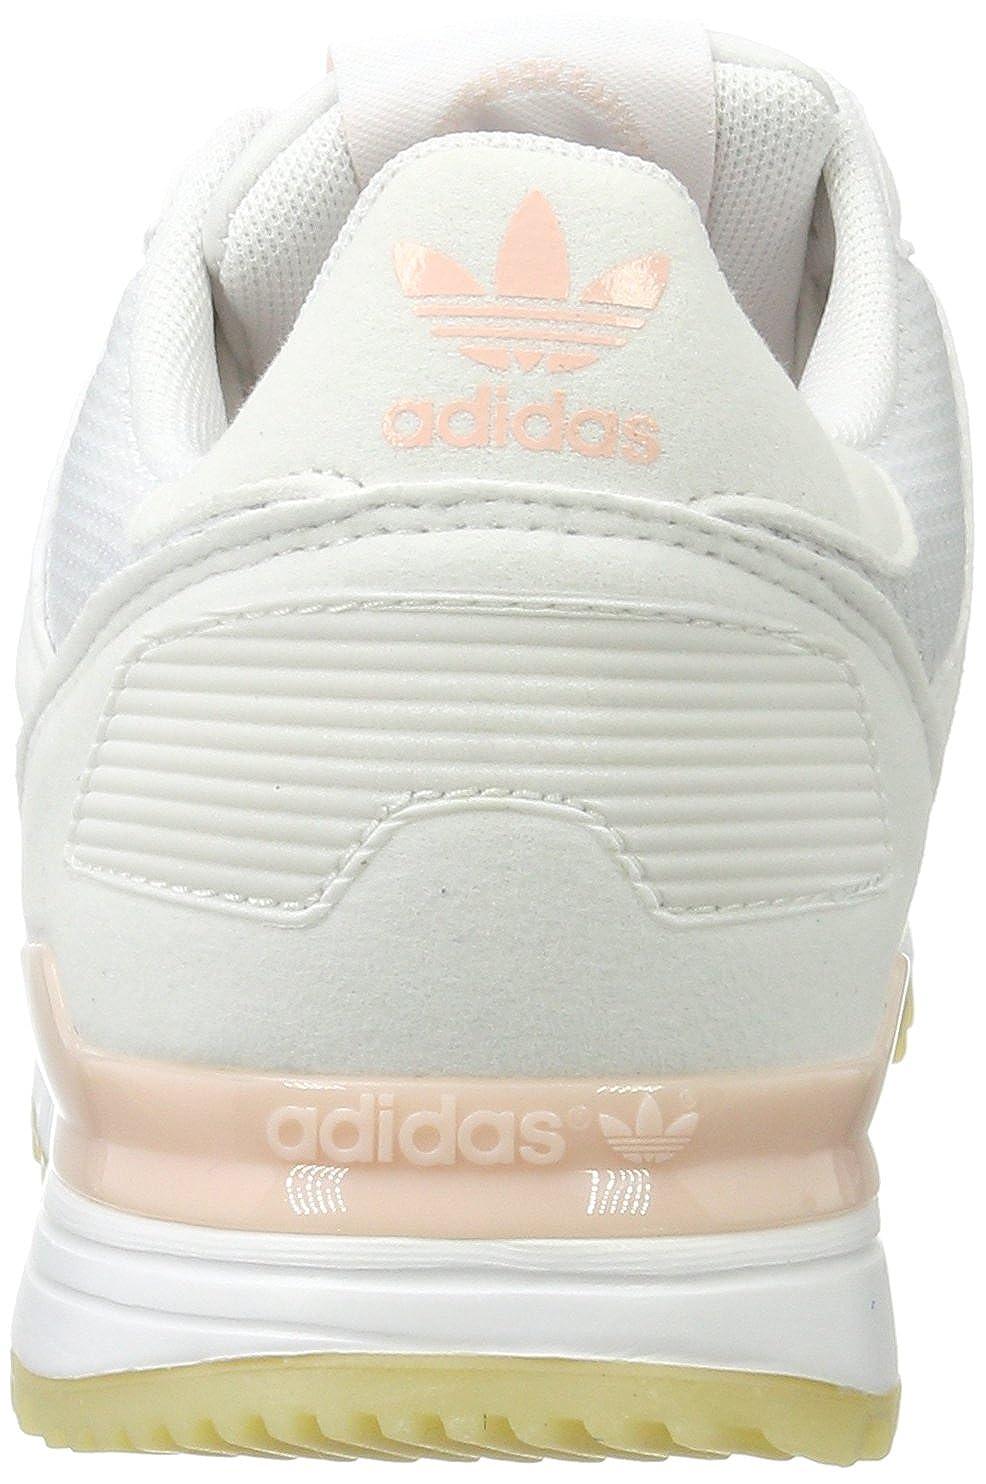 adidas ZX 700 Sneakers | Sneakers